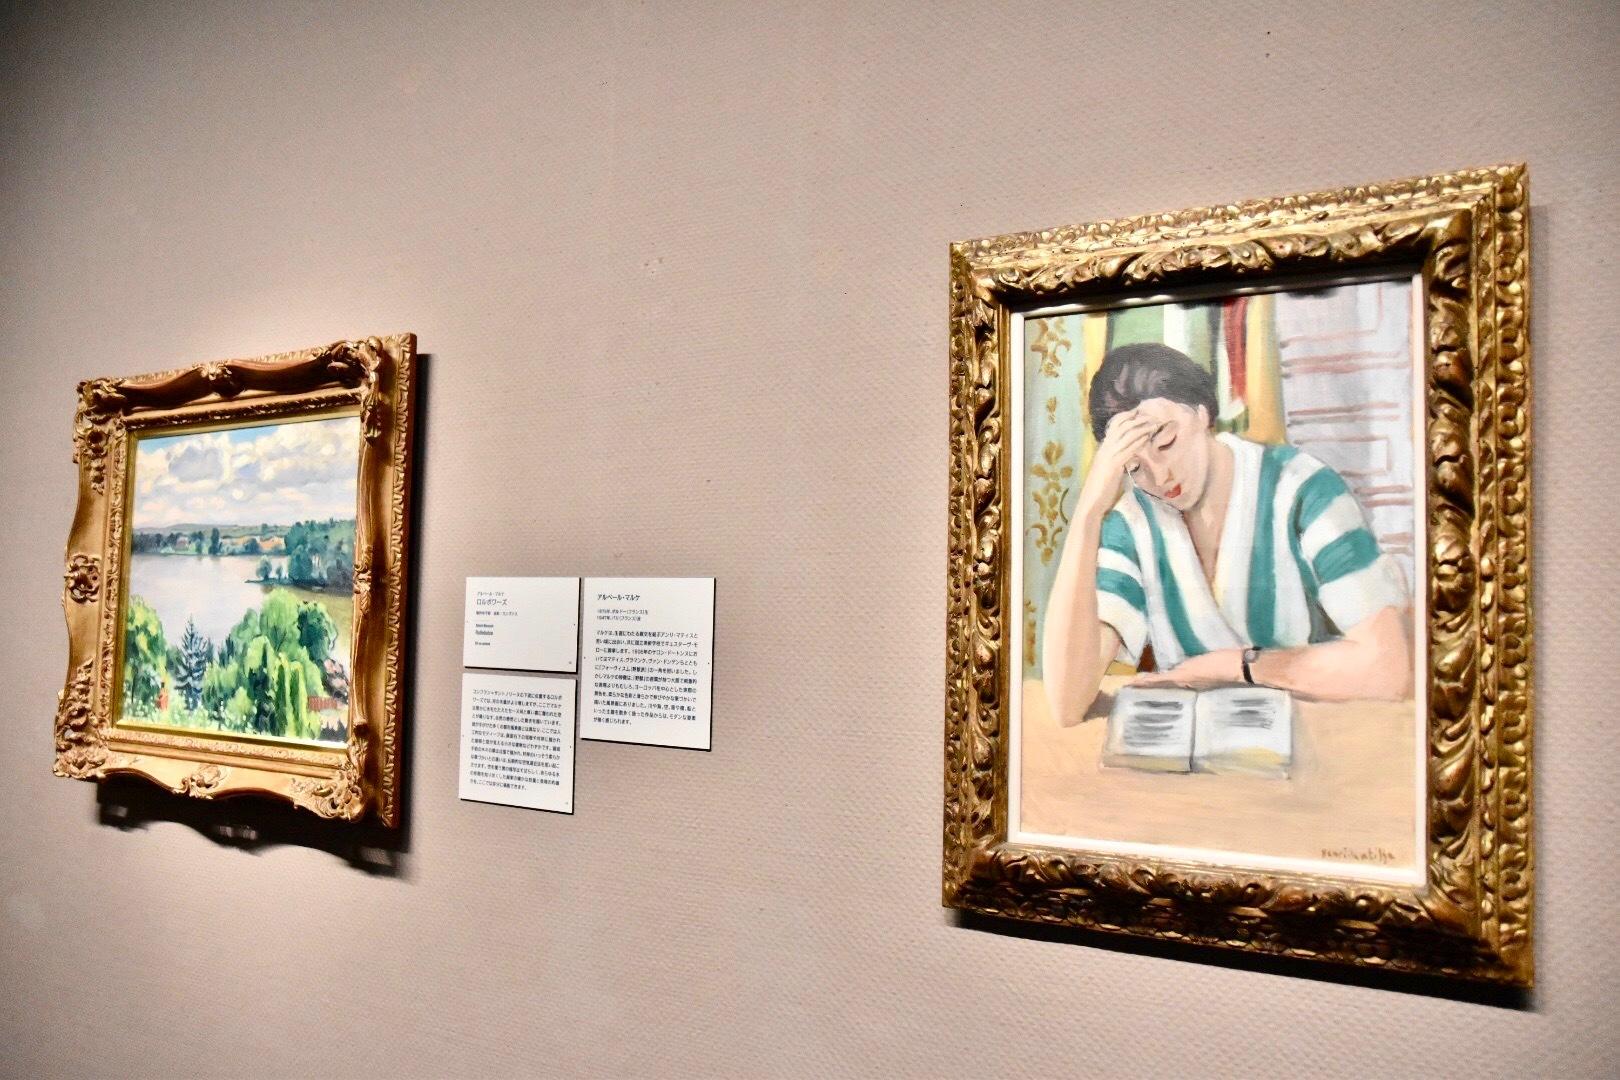 右:アンリ・マティス 《緑と白のストライプのブラウスを着た読書する若い女》 1924年 吉野石膏コレクション 左奥:アルベール・マルケ 《ロルボワーズ》 制作年不詳 吉野石膏コレクション